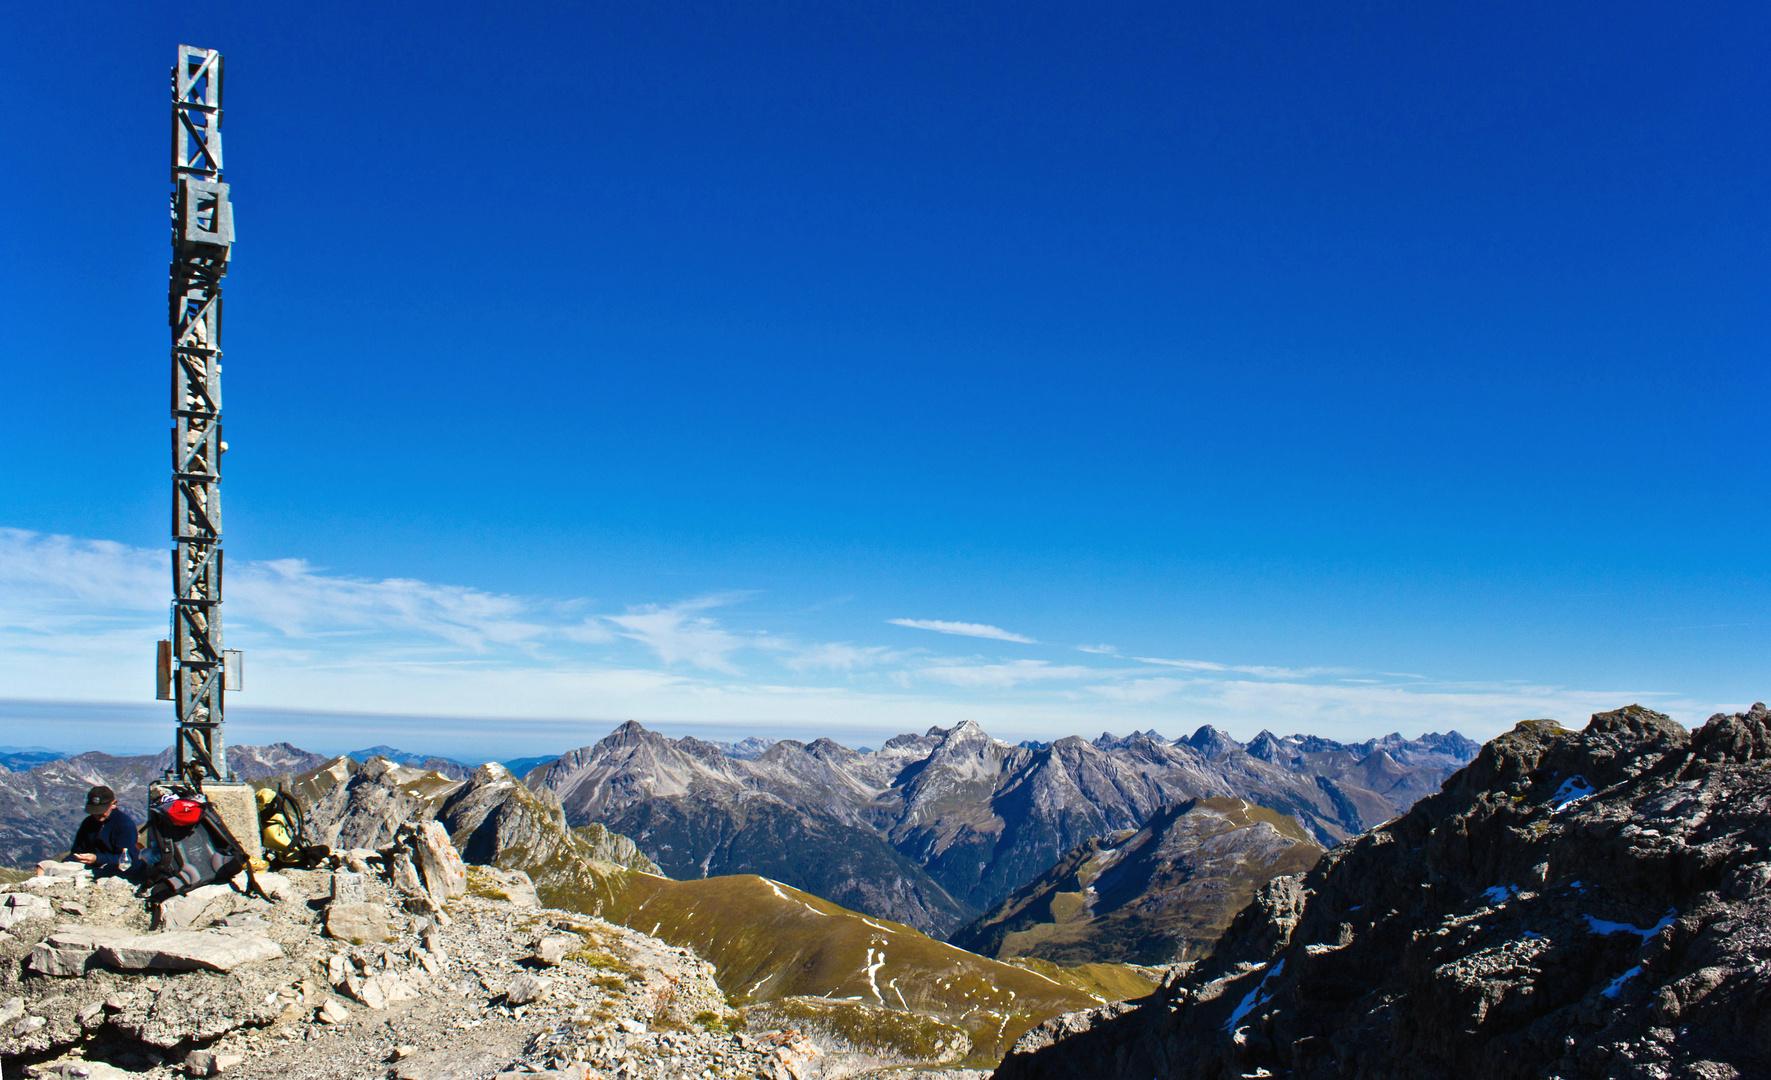 Rüfispitze 2632 m